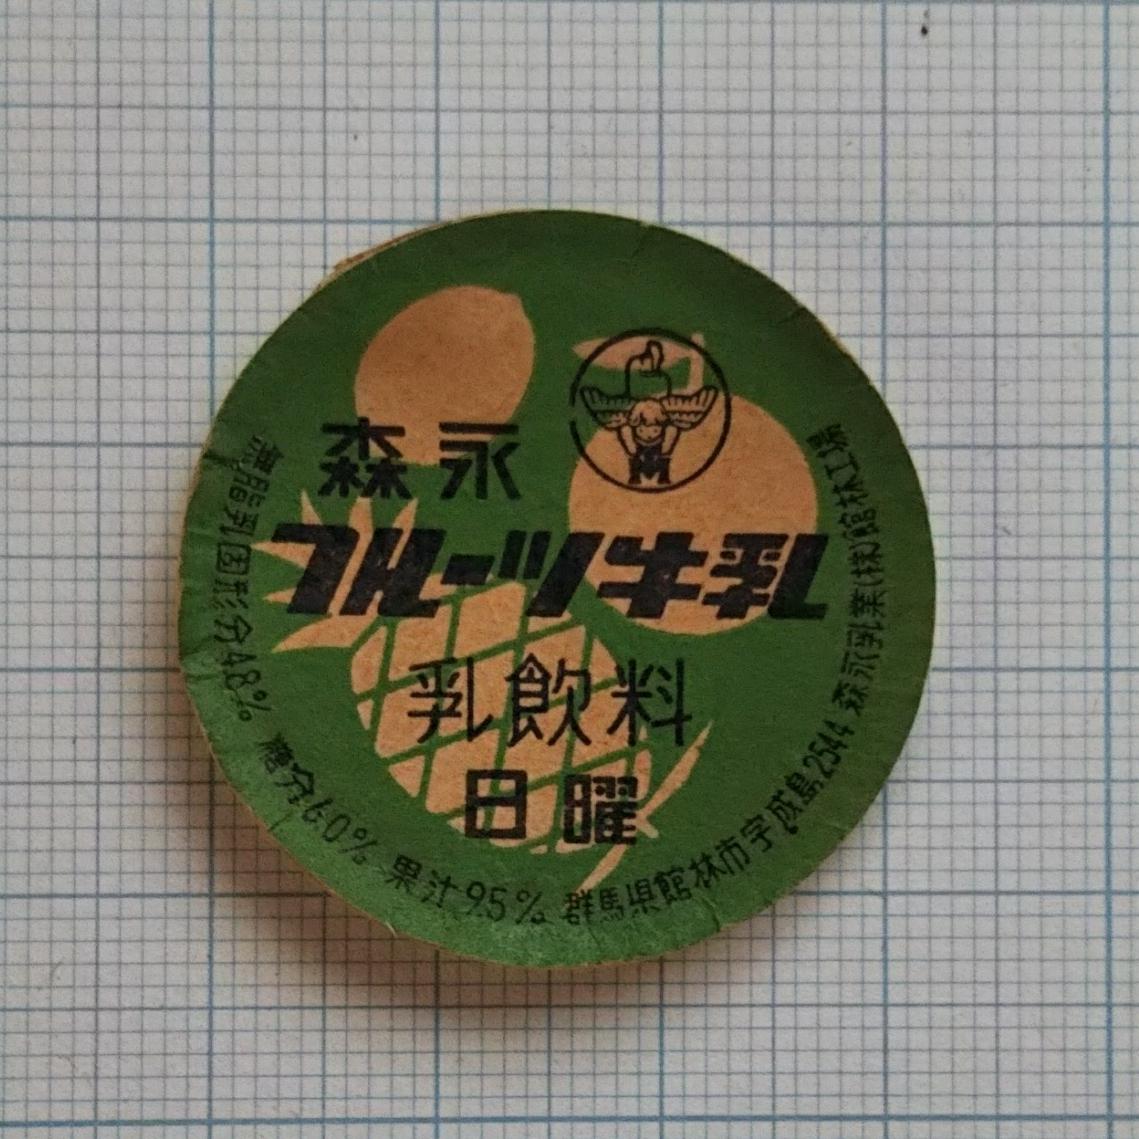 古い牛乳キャップ・森永フルーツ牛乳